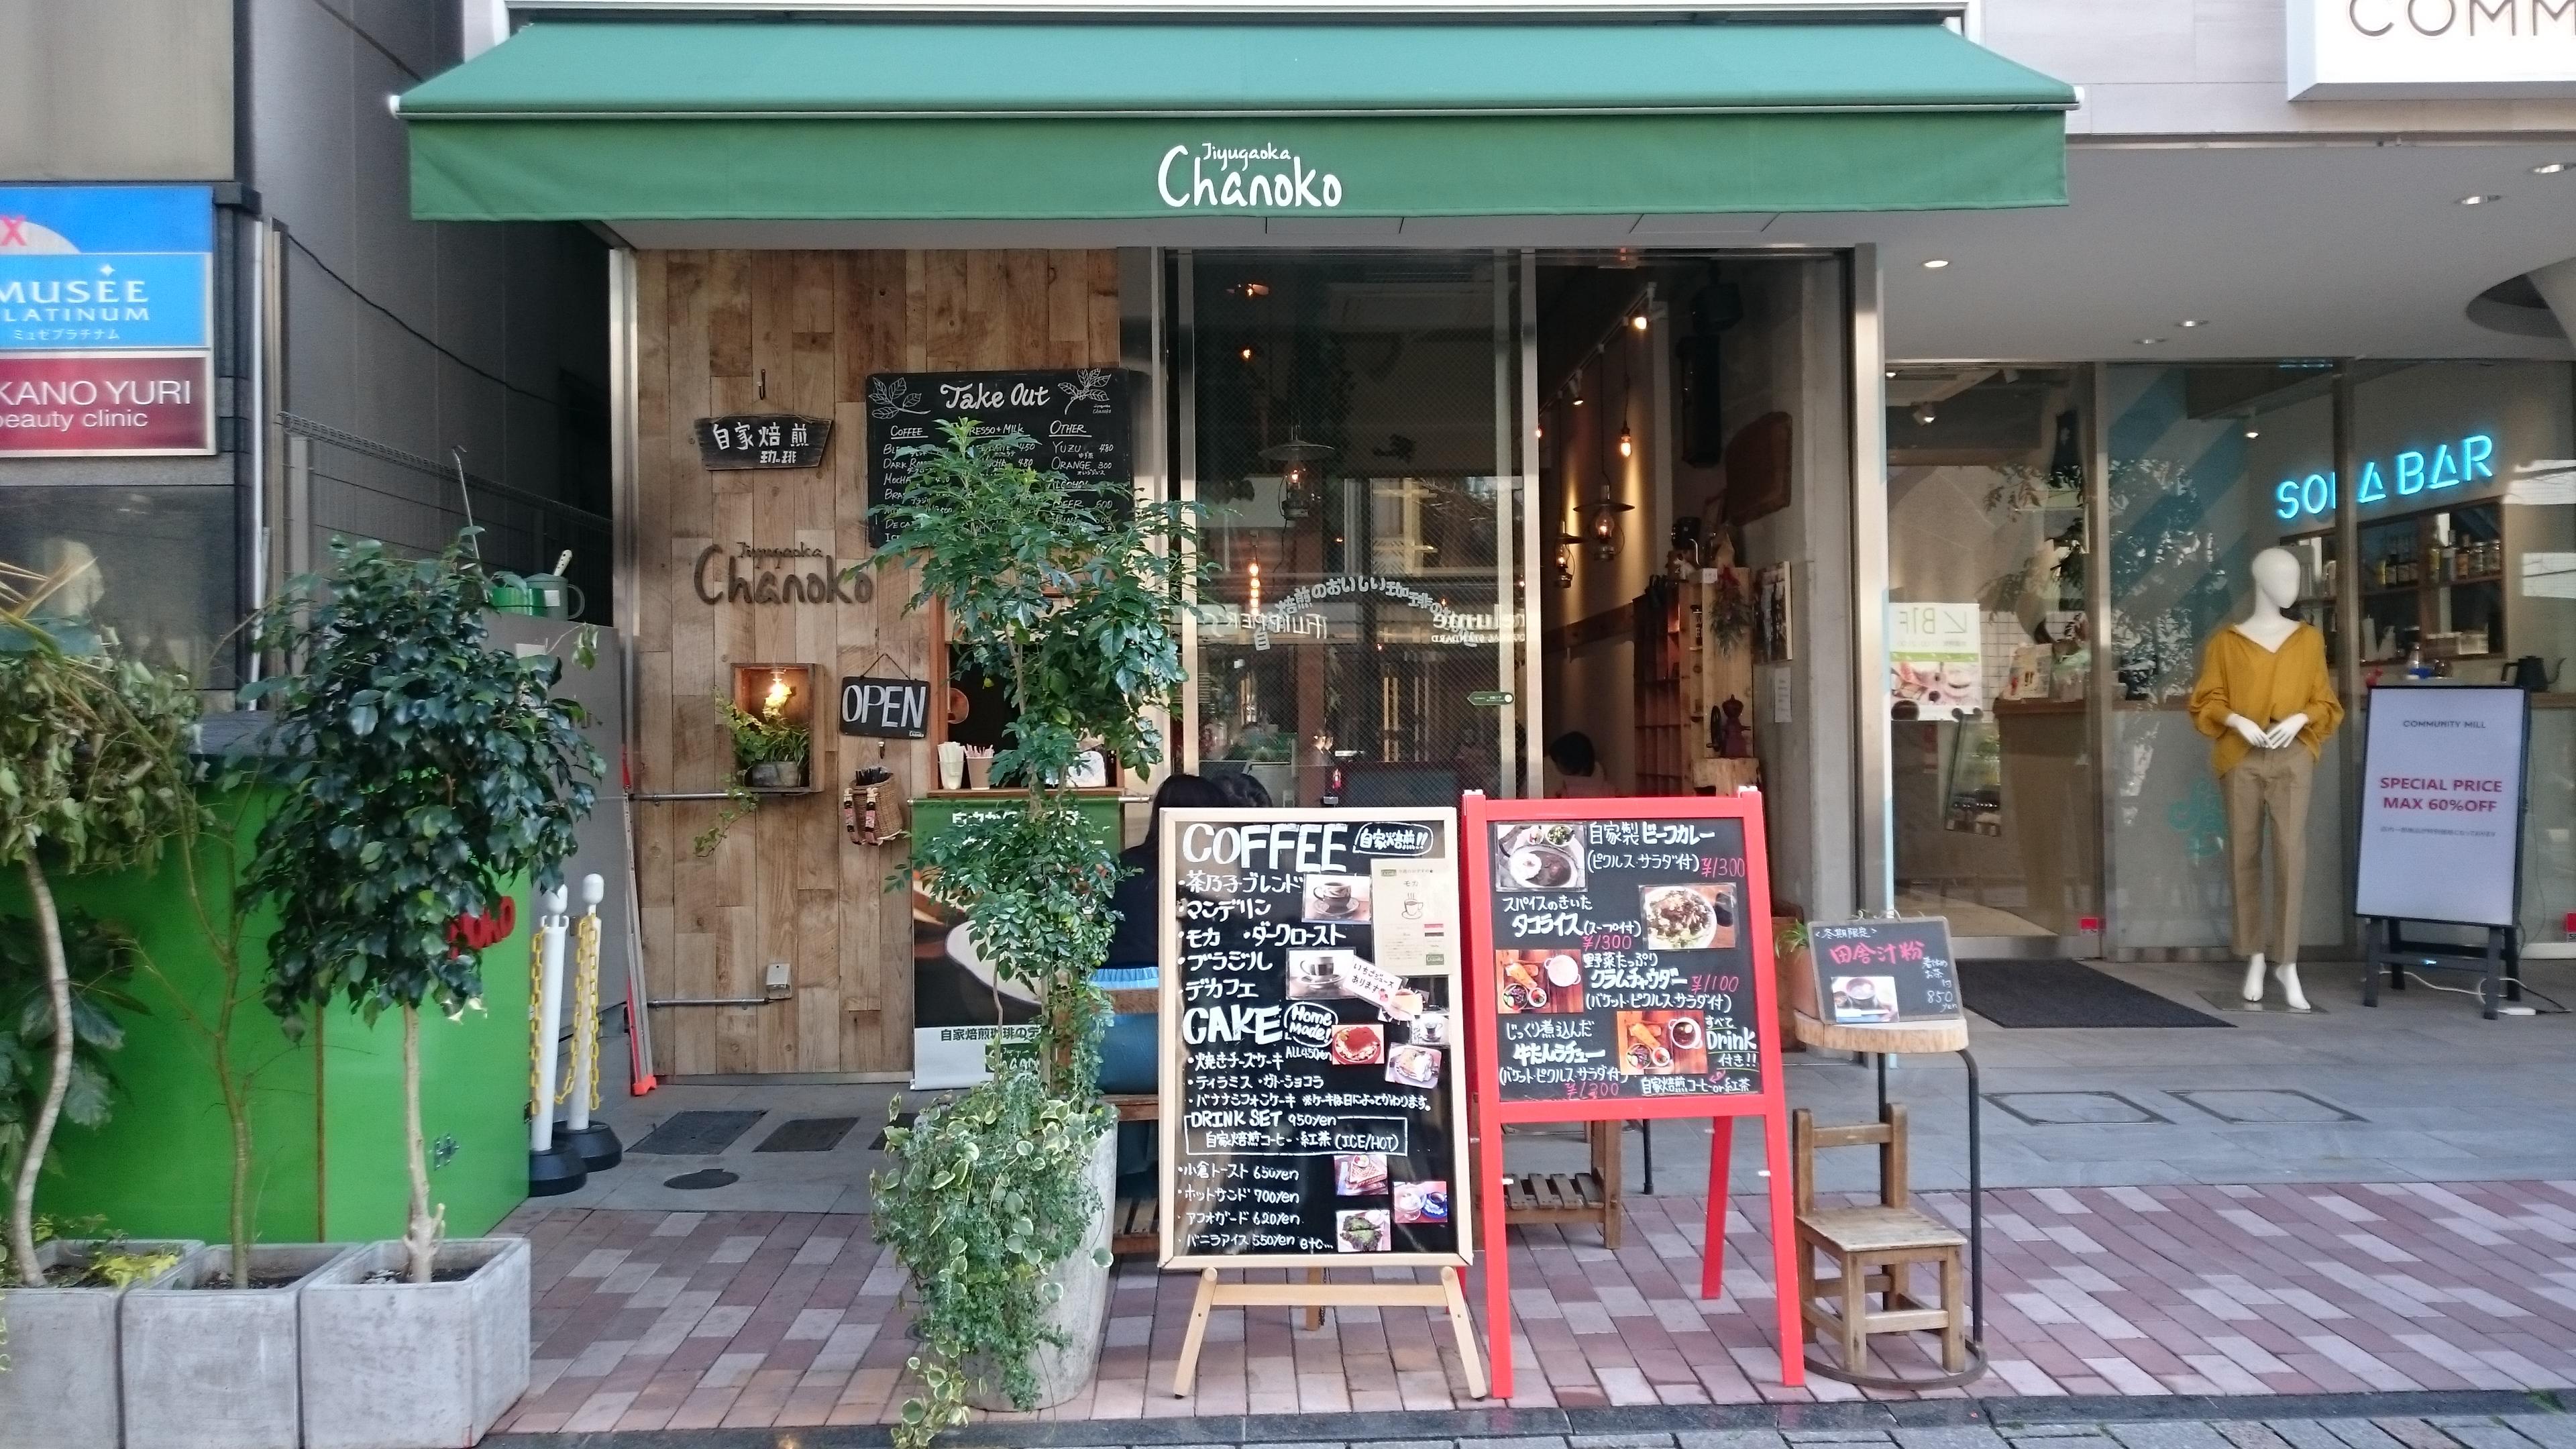 自由が丘,老舗,喫茶店,カフェ,Chanoko,茶乃子